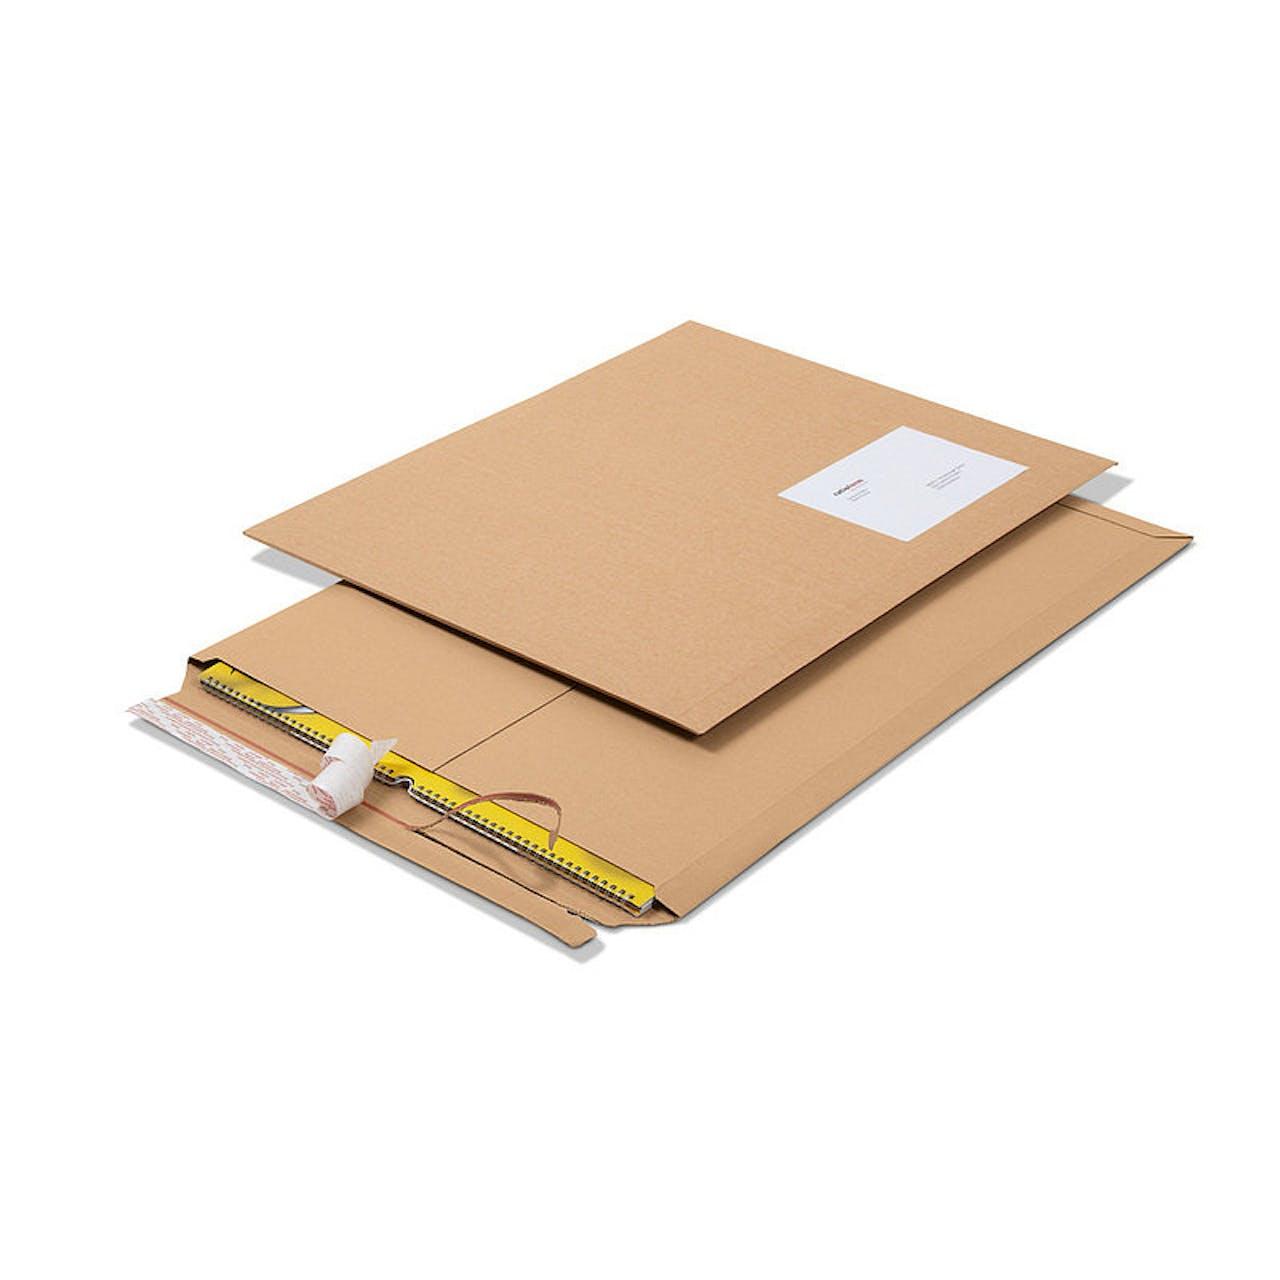 Flachformat-Verpackung bis DIN A2+, Wellpappe, 530 x 640 mm, mit Selbstklebung